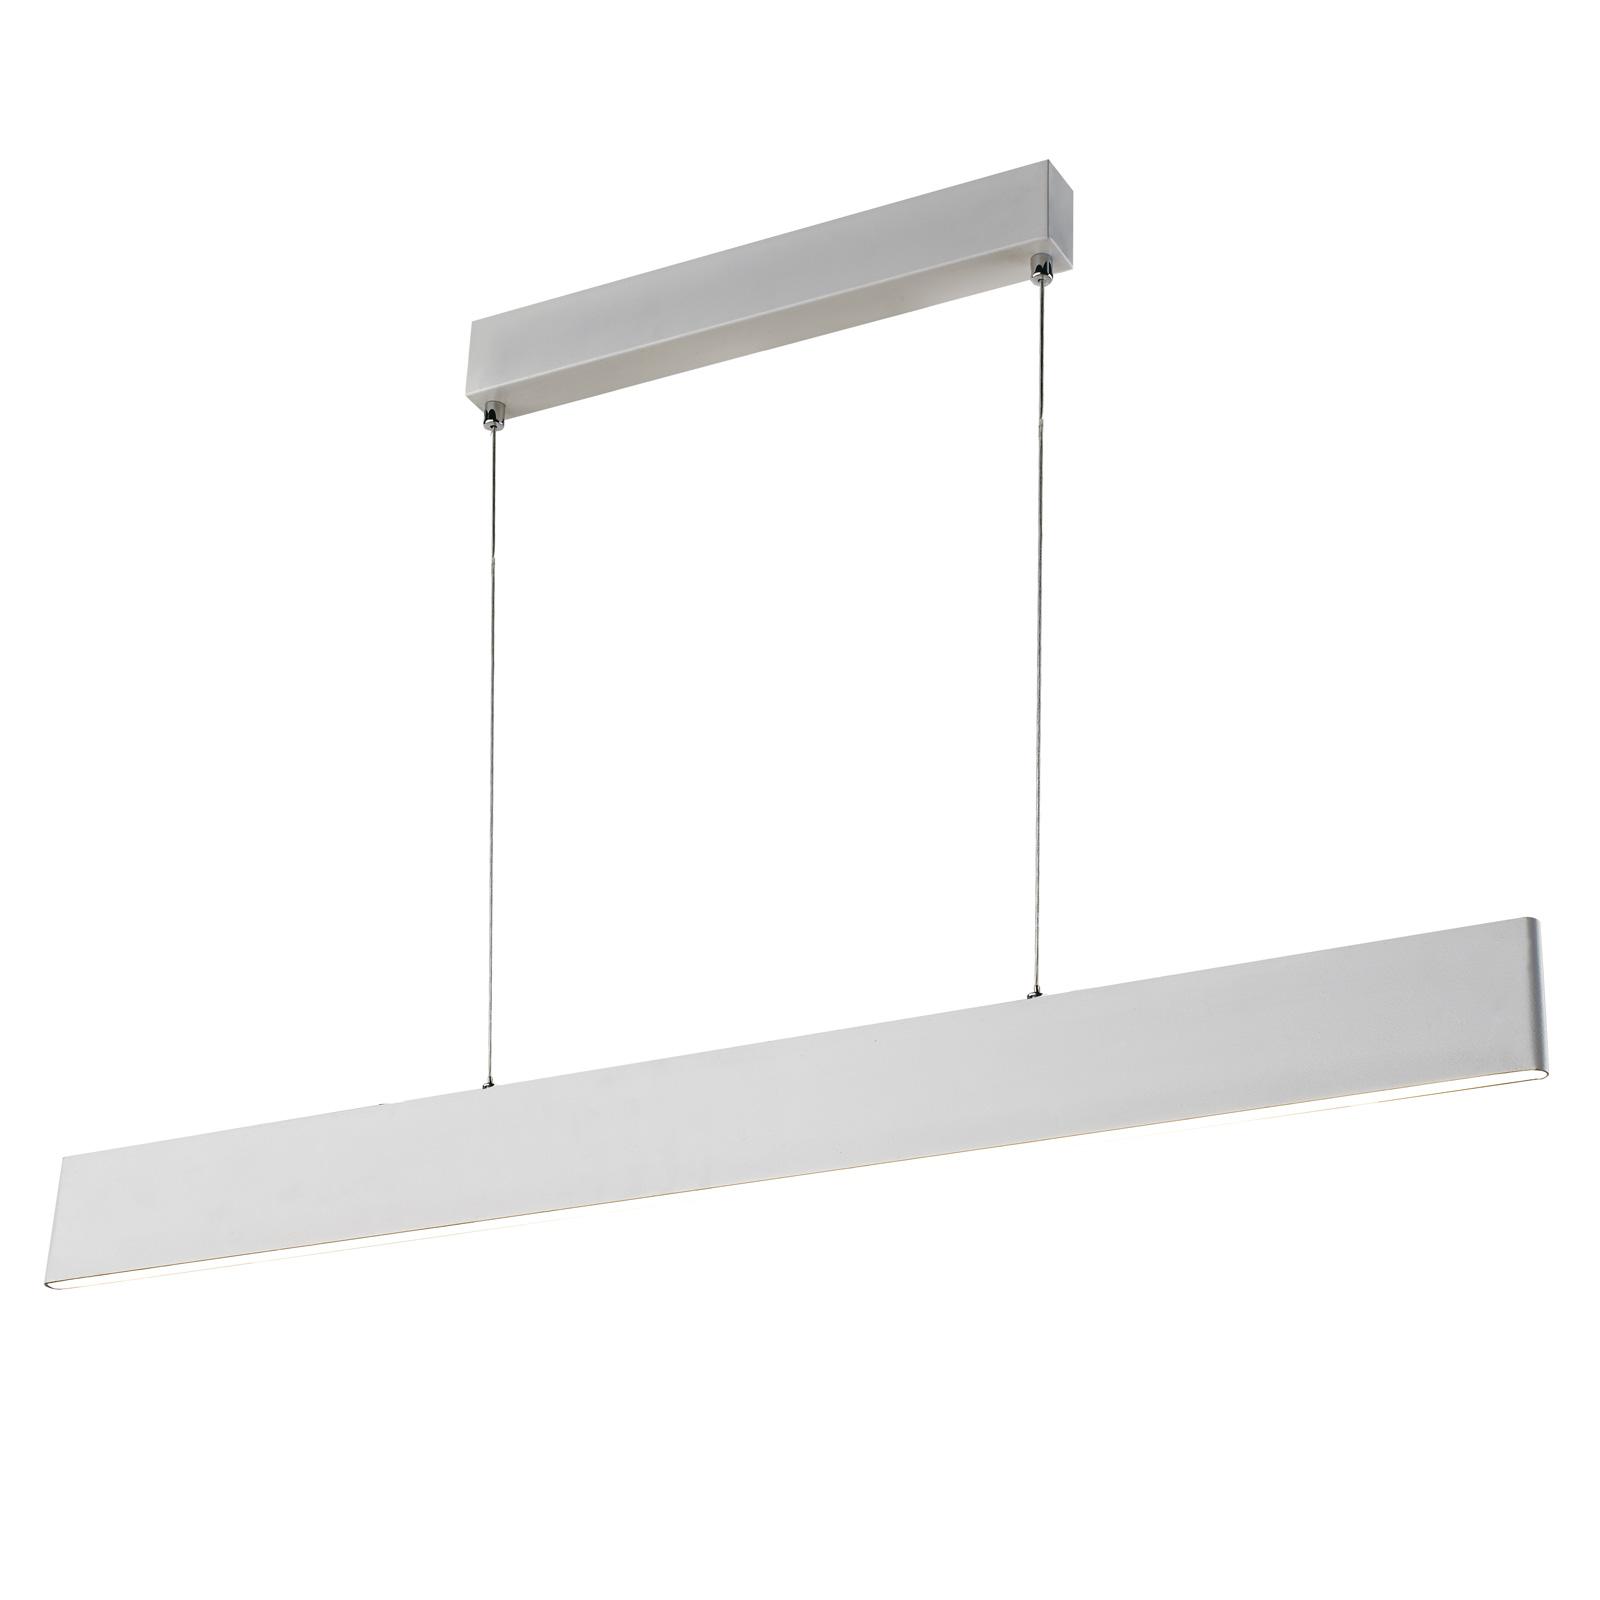 Lampa wisząca LED Sileas, 91 cm, biała, ściemniana